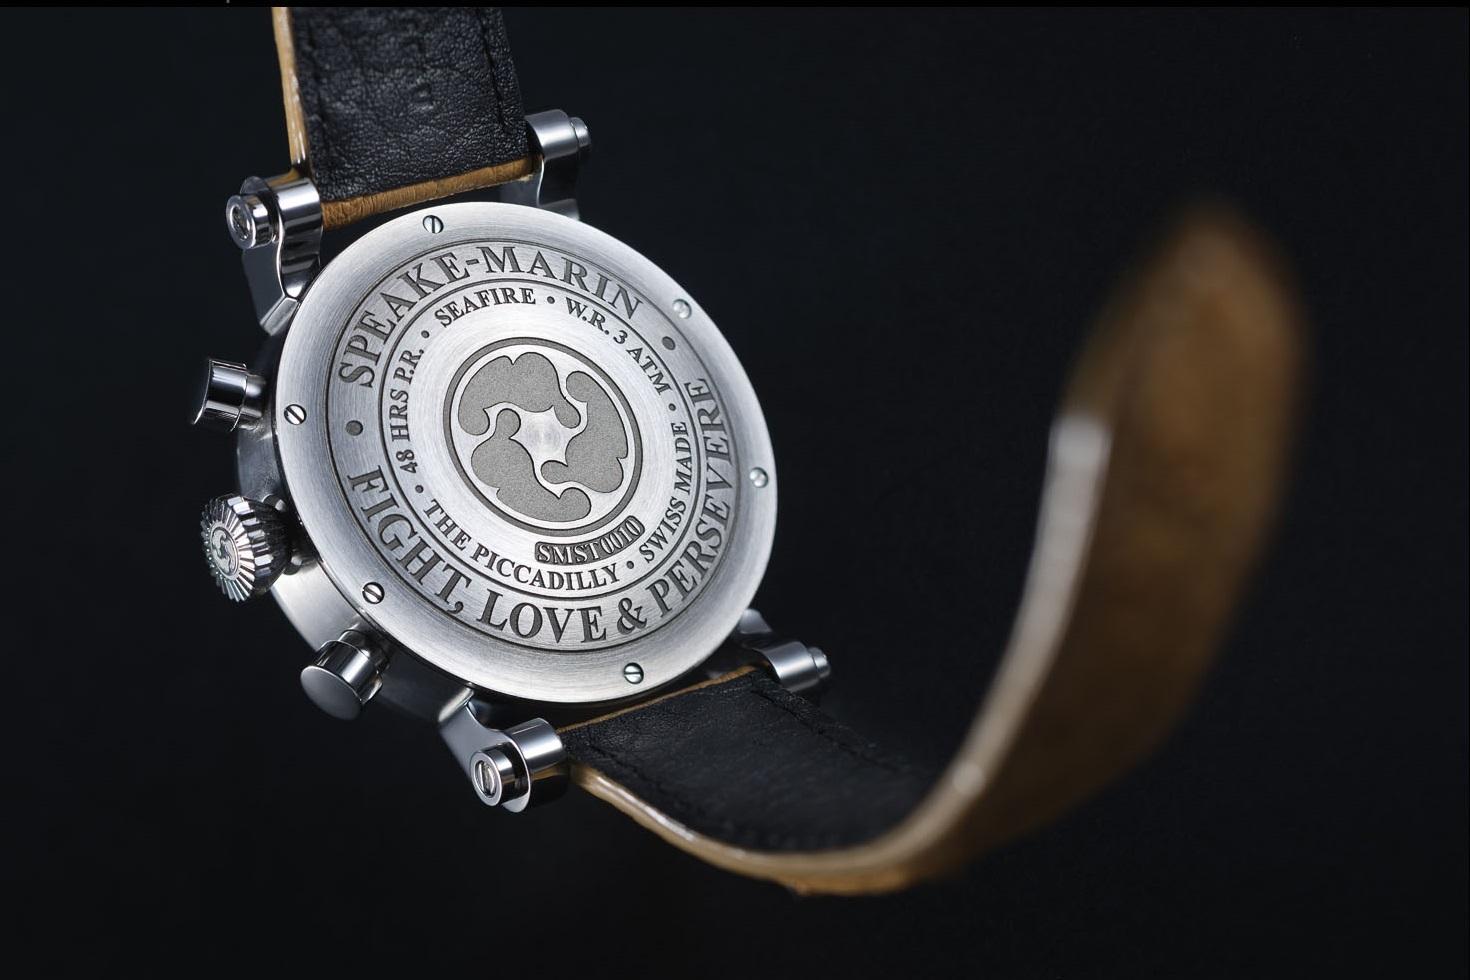 """Mặt sau thân vỏ của hai mẫu đồng hồ này điêu khắc dòng chữ """"FIGHT, LOVE & PERSEVERE với ngụ ý sâu sắc tới chủ nhân rằng: """"hãy sống, chiến đấu và yêu hết mình-đừng bao giờ từ bỏ ước mơ""""."""